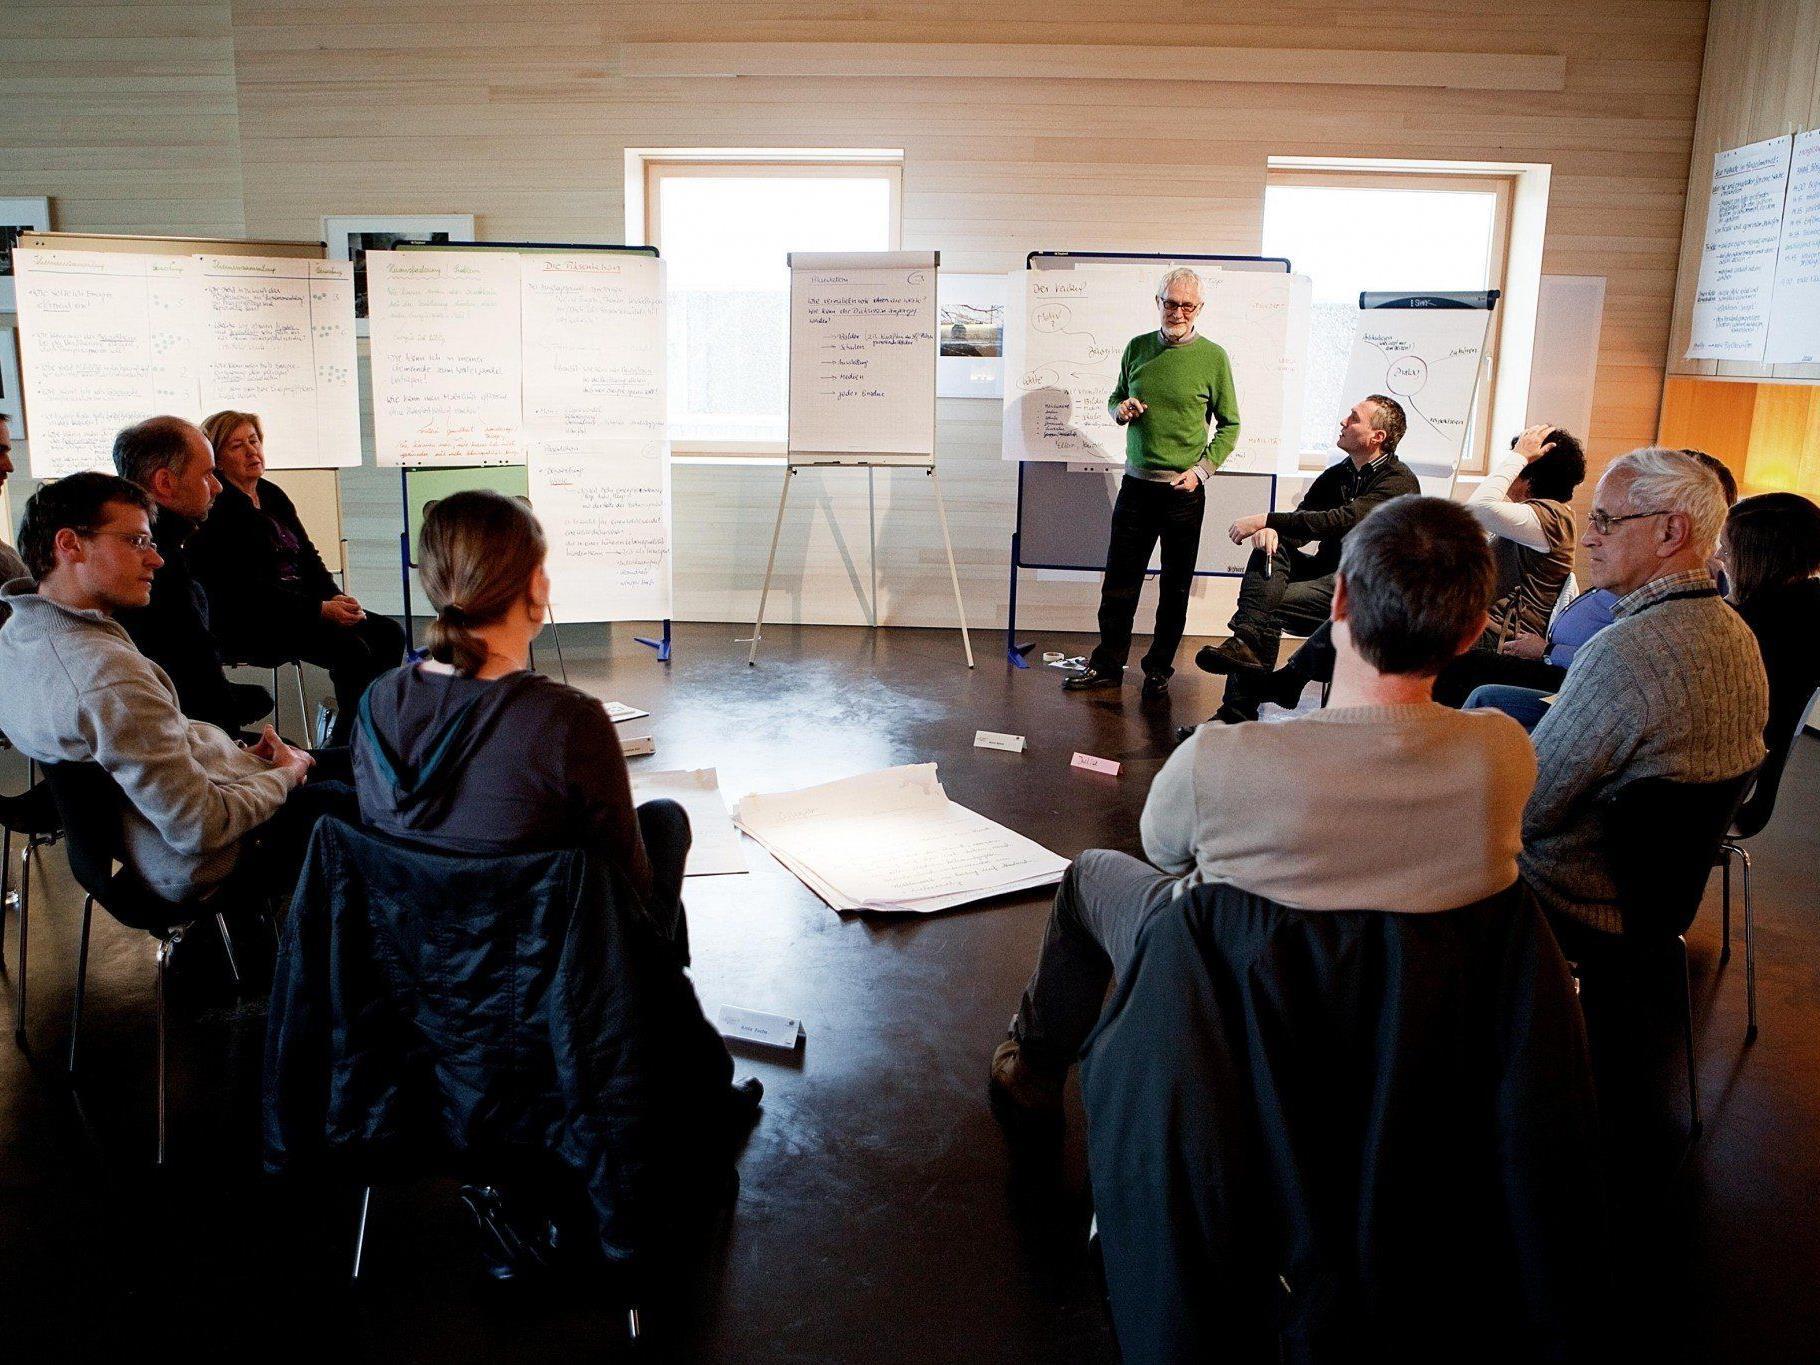 Beim Bürger-Café werden die Ergebnisse des ersten Bürger-Rates der Regio Vorderland-Feldkirch öffentlich vorgestellt.